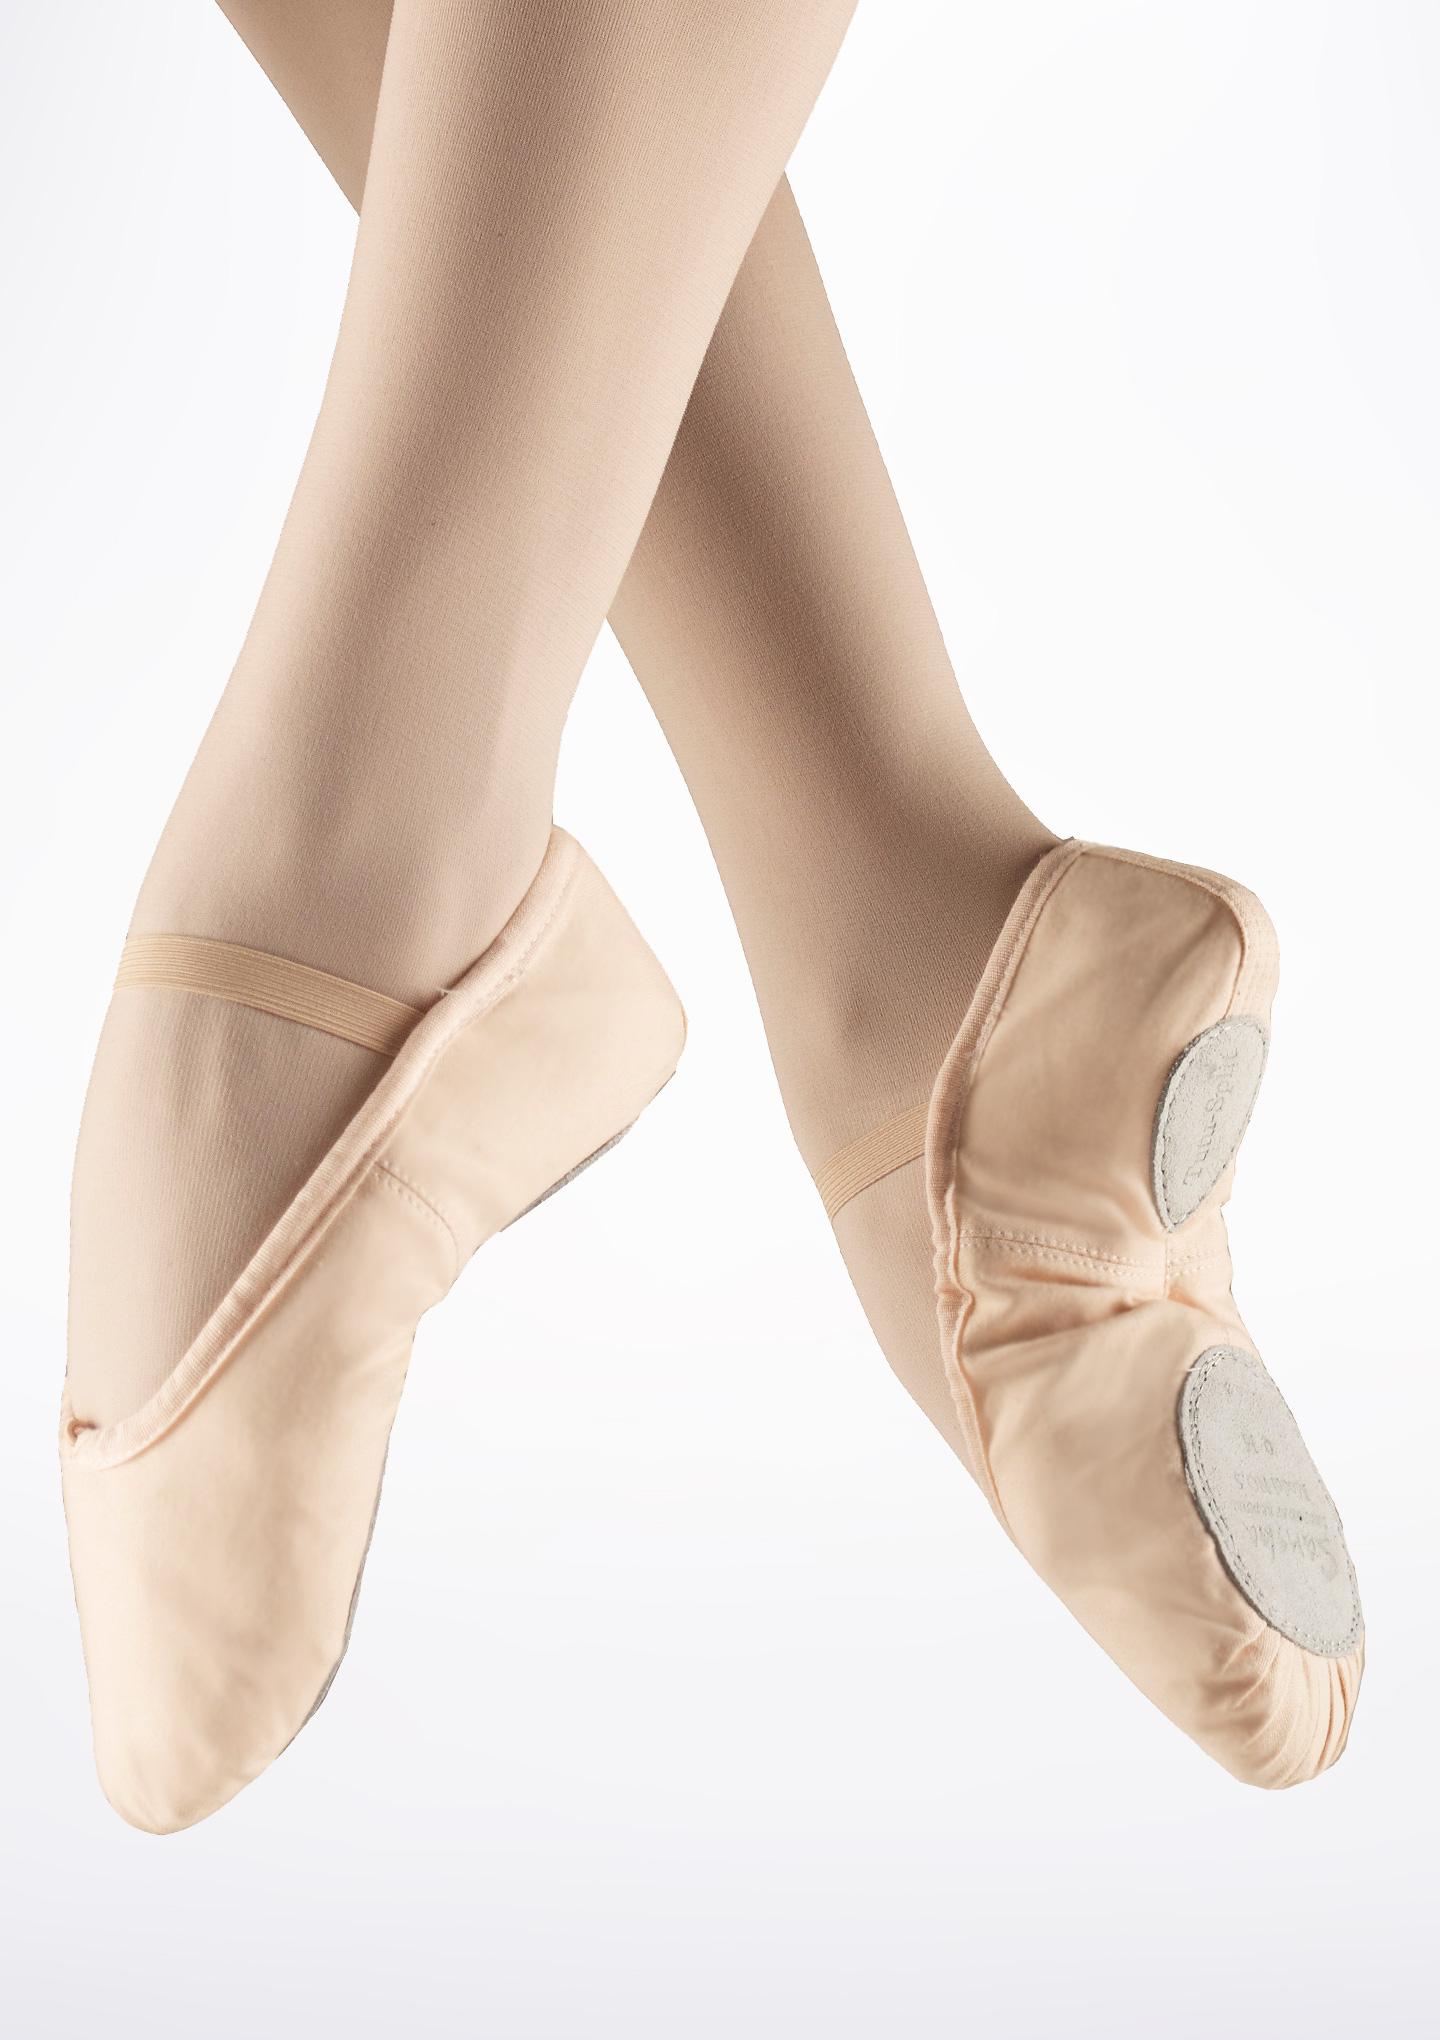 Sansha Tutu-split, balettitossut lapsille, puuteri